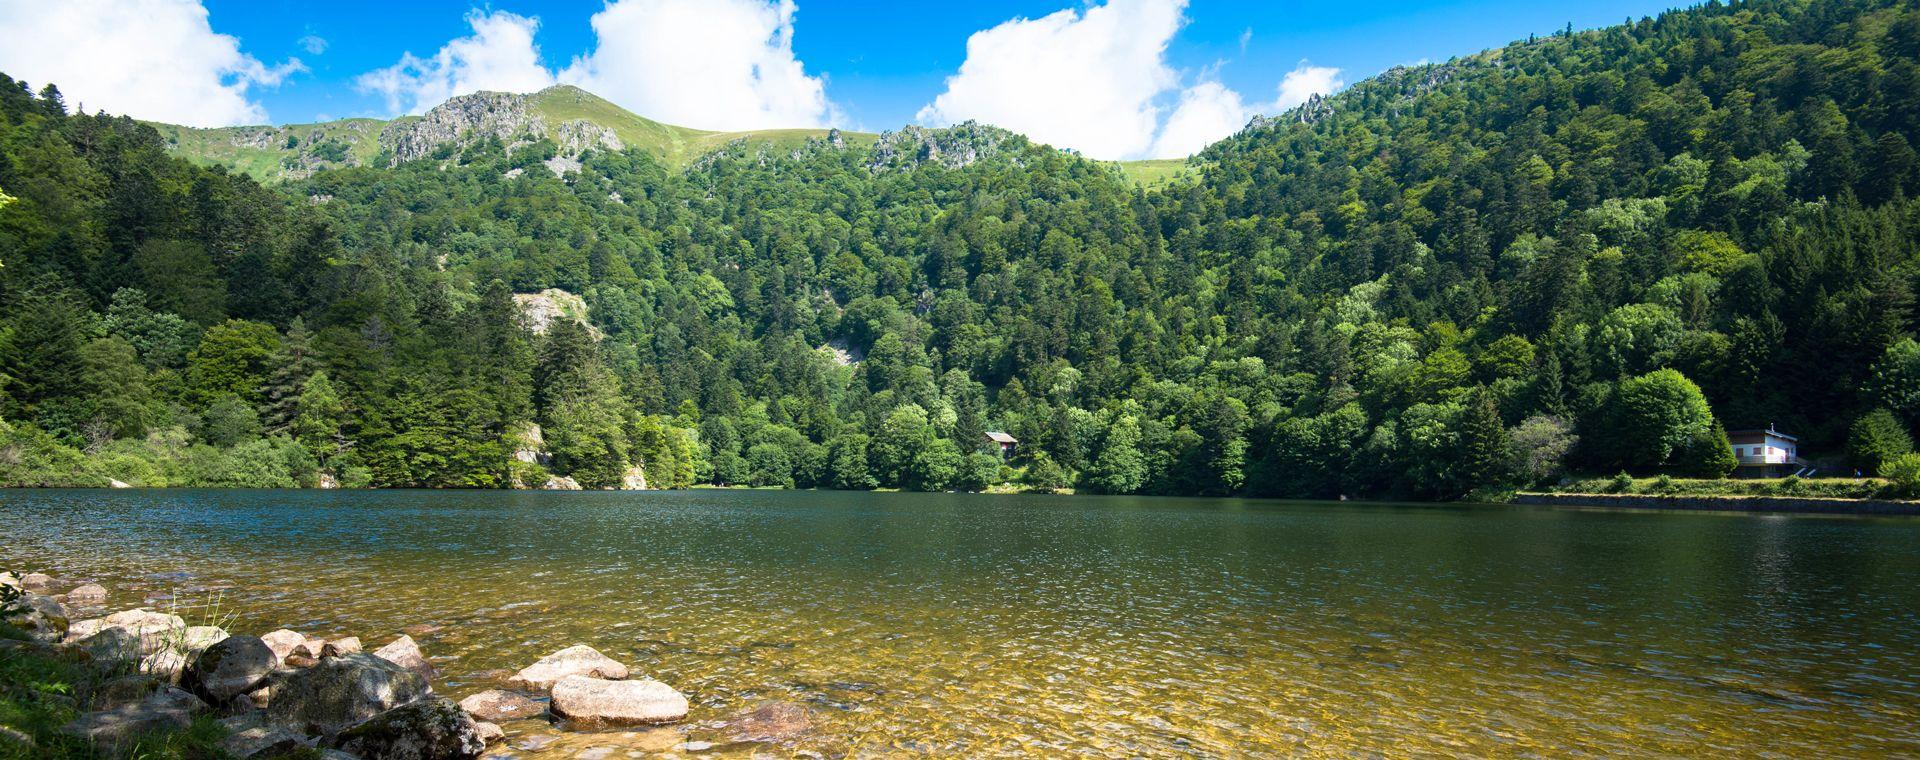 Image Traversée des Hautes-Vosges